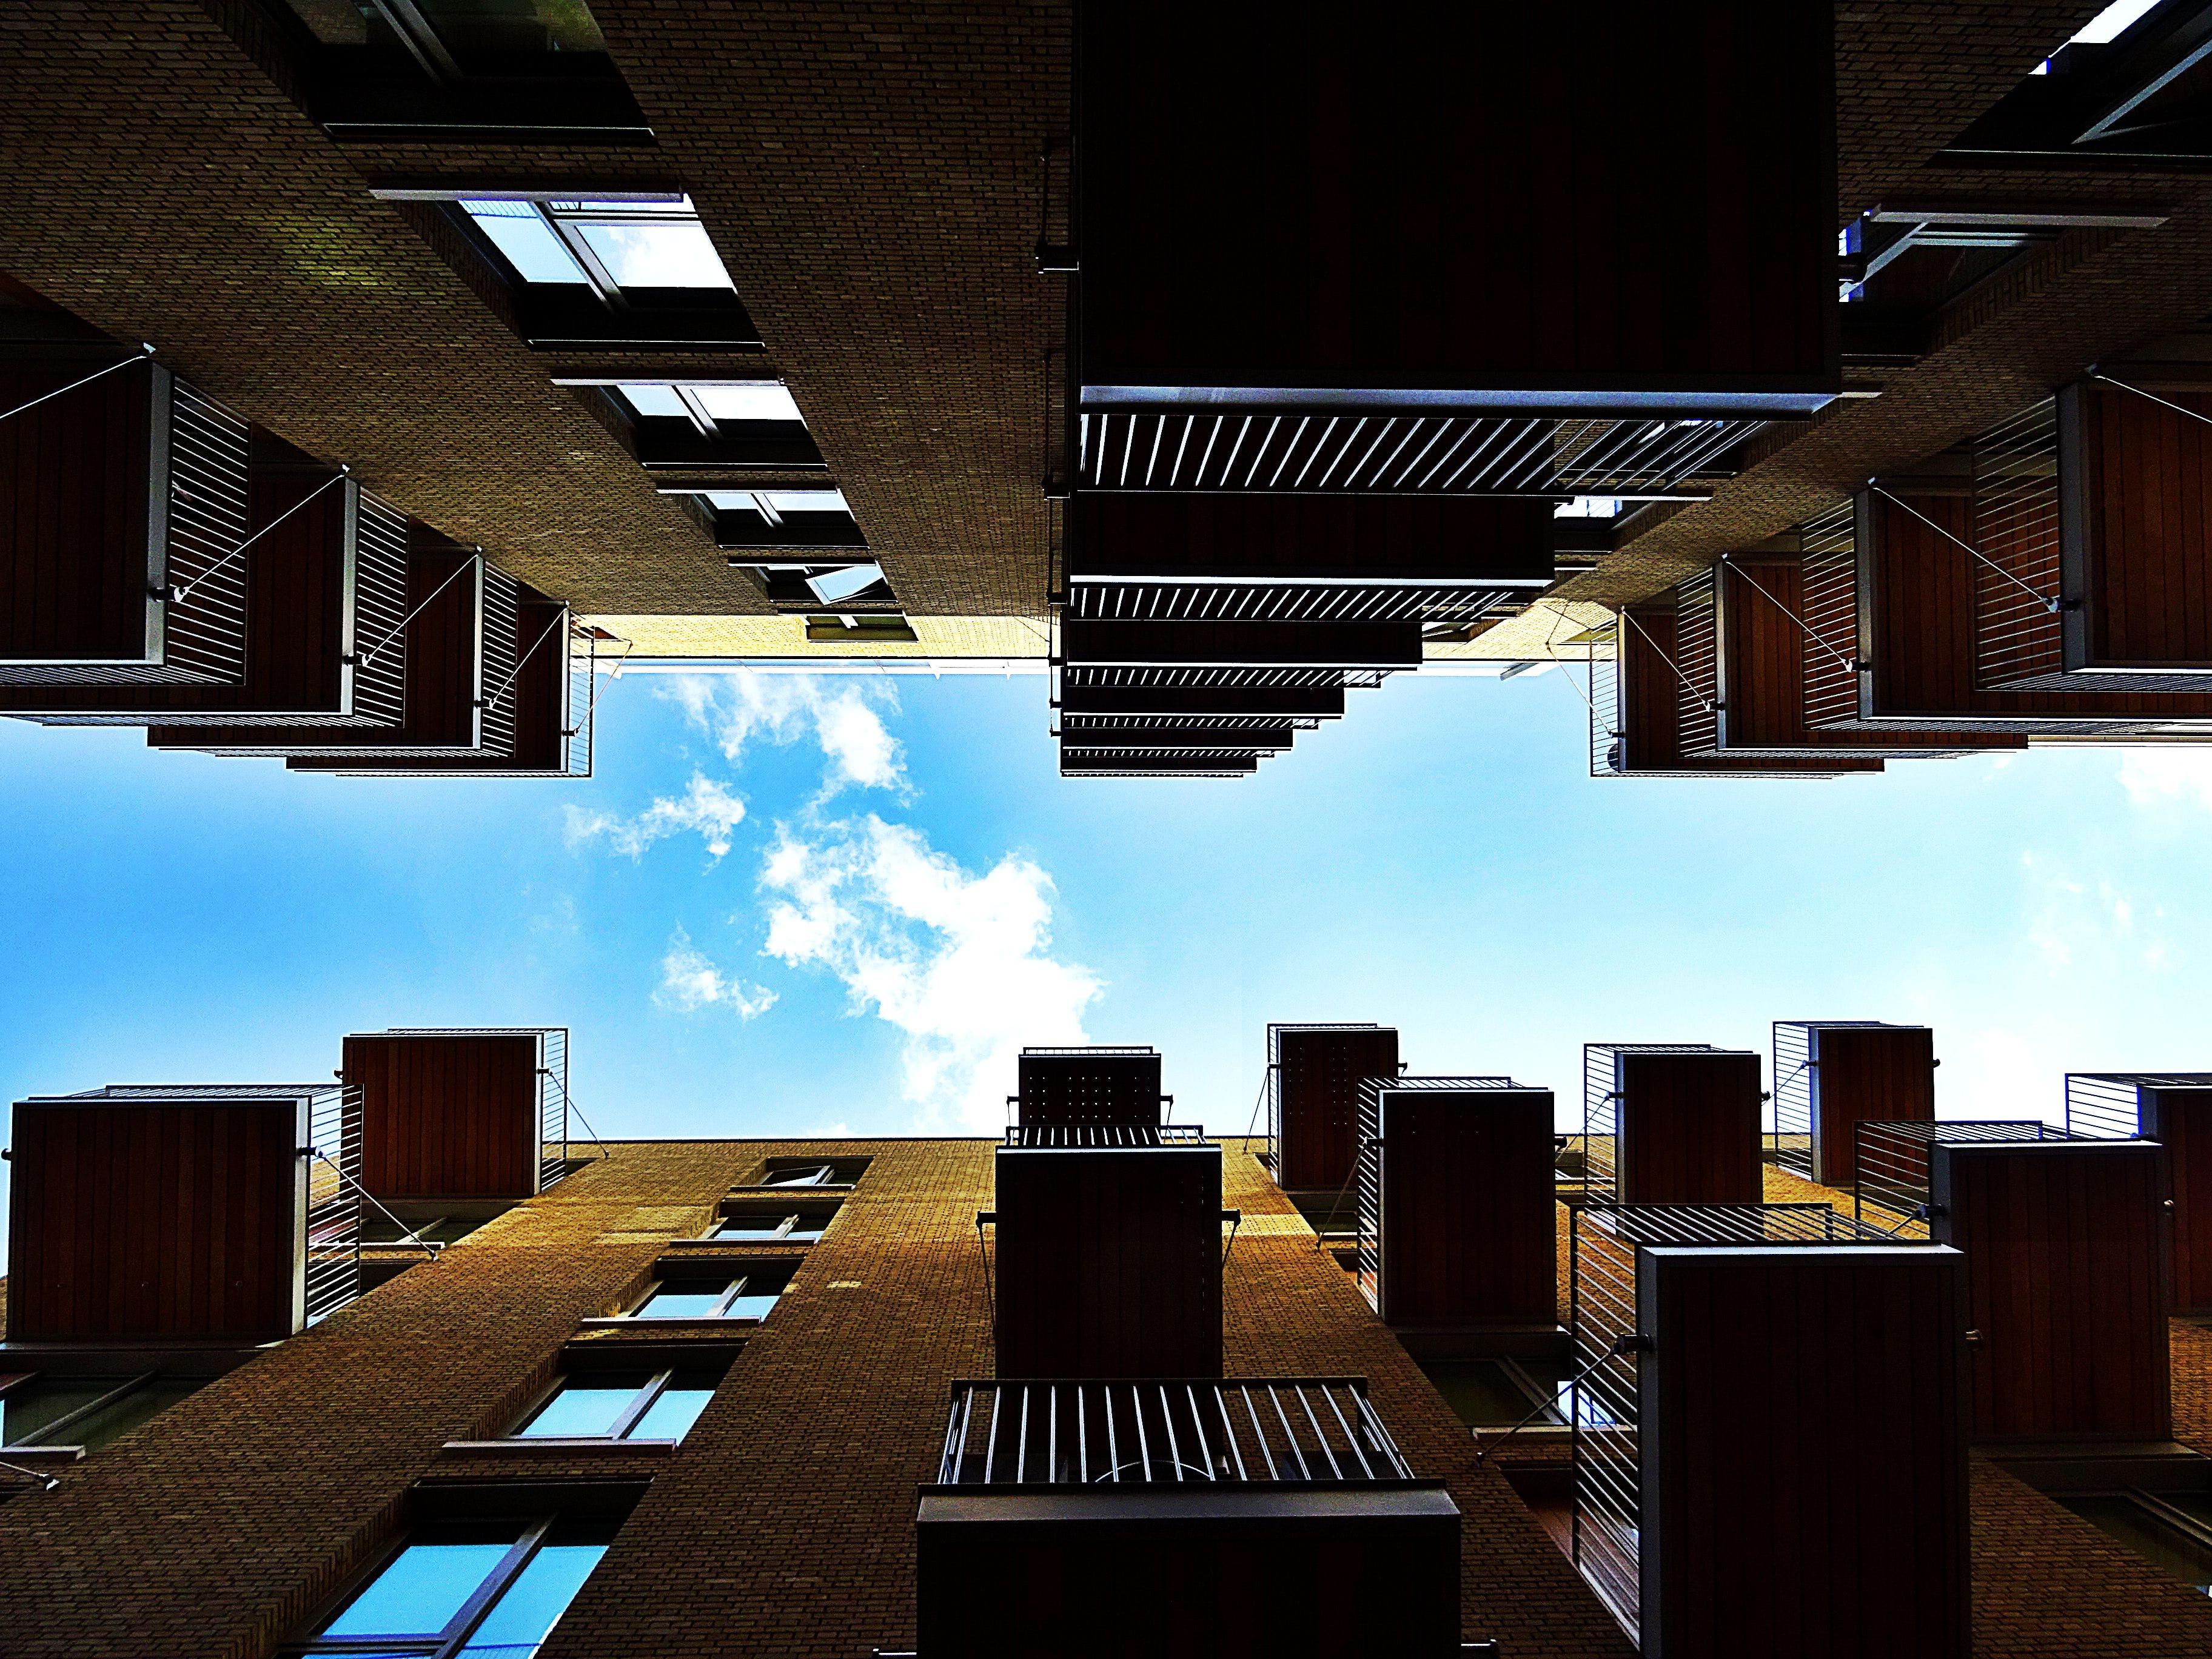 Kostenloses Stock Foto zu architektur, aufnahme von unten, balkone, fenster